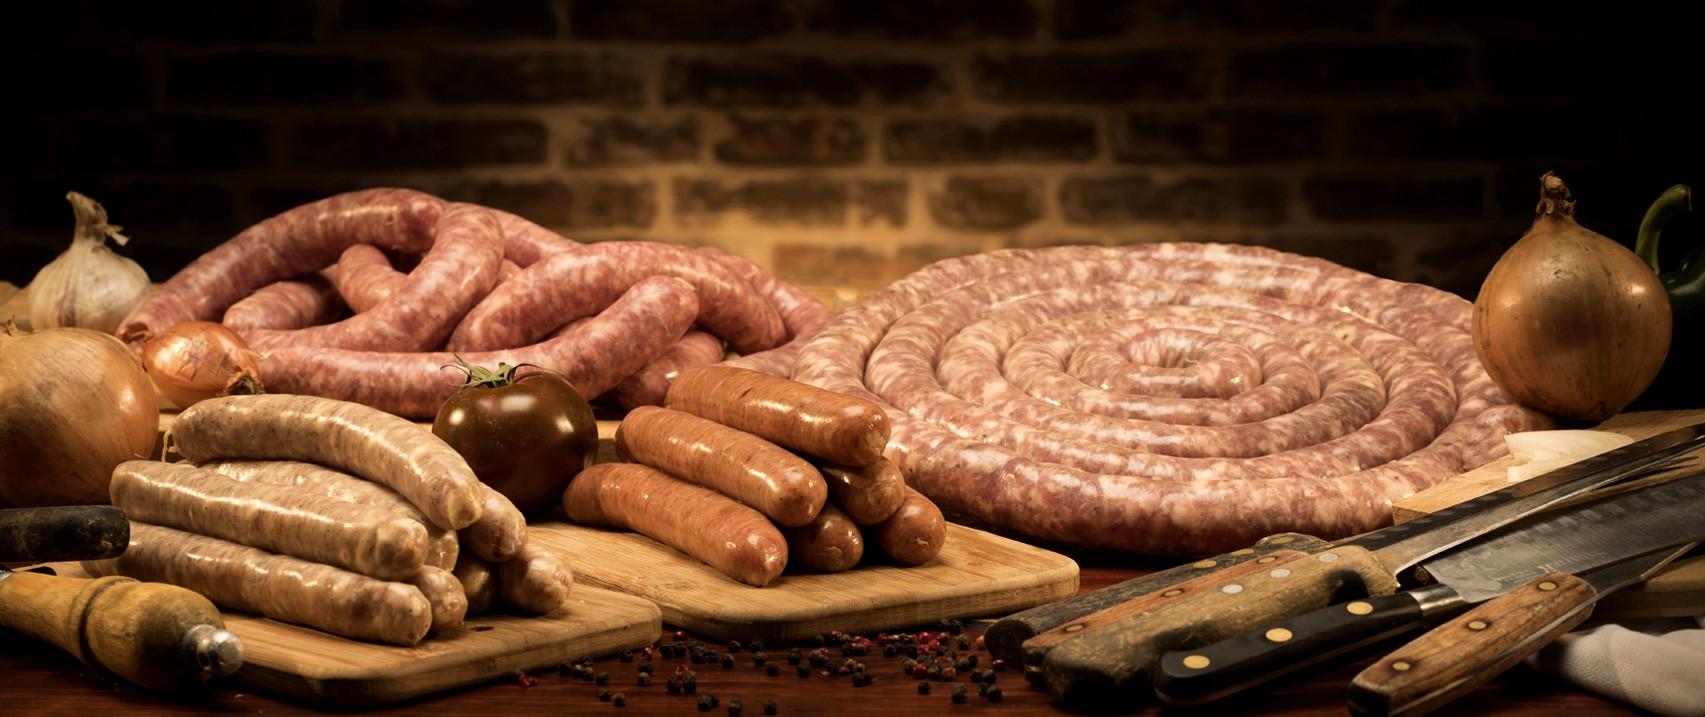 charcutier-traiteur-amiens-saucisses-grillades-barbecue